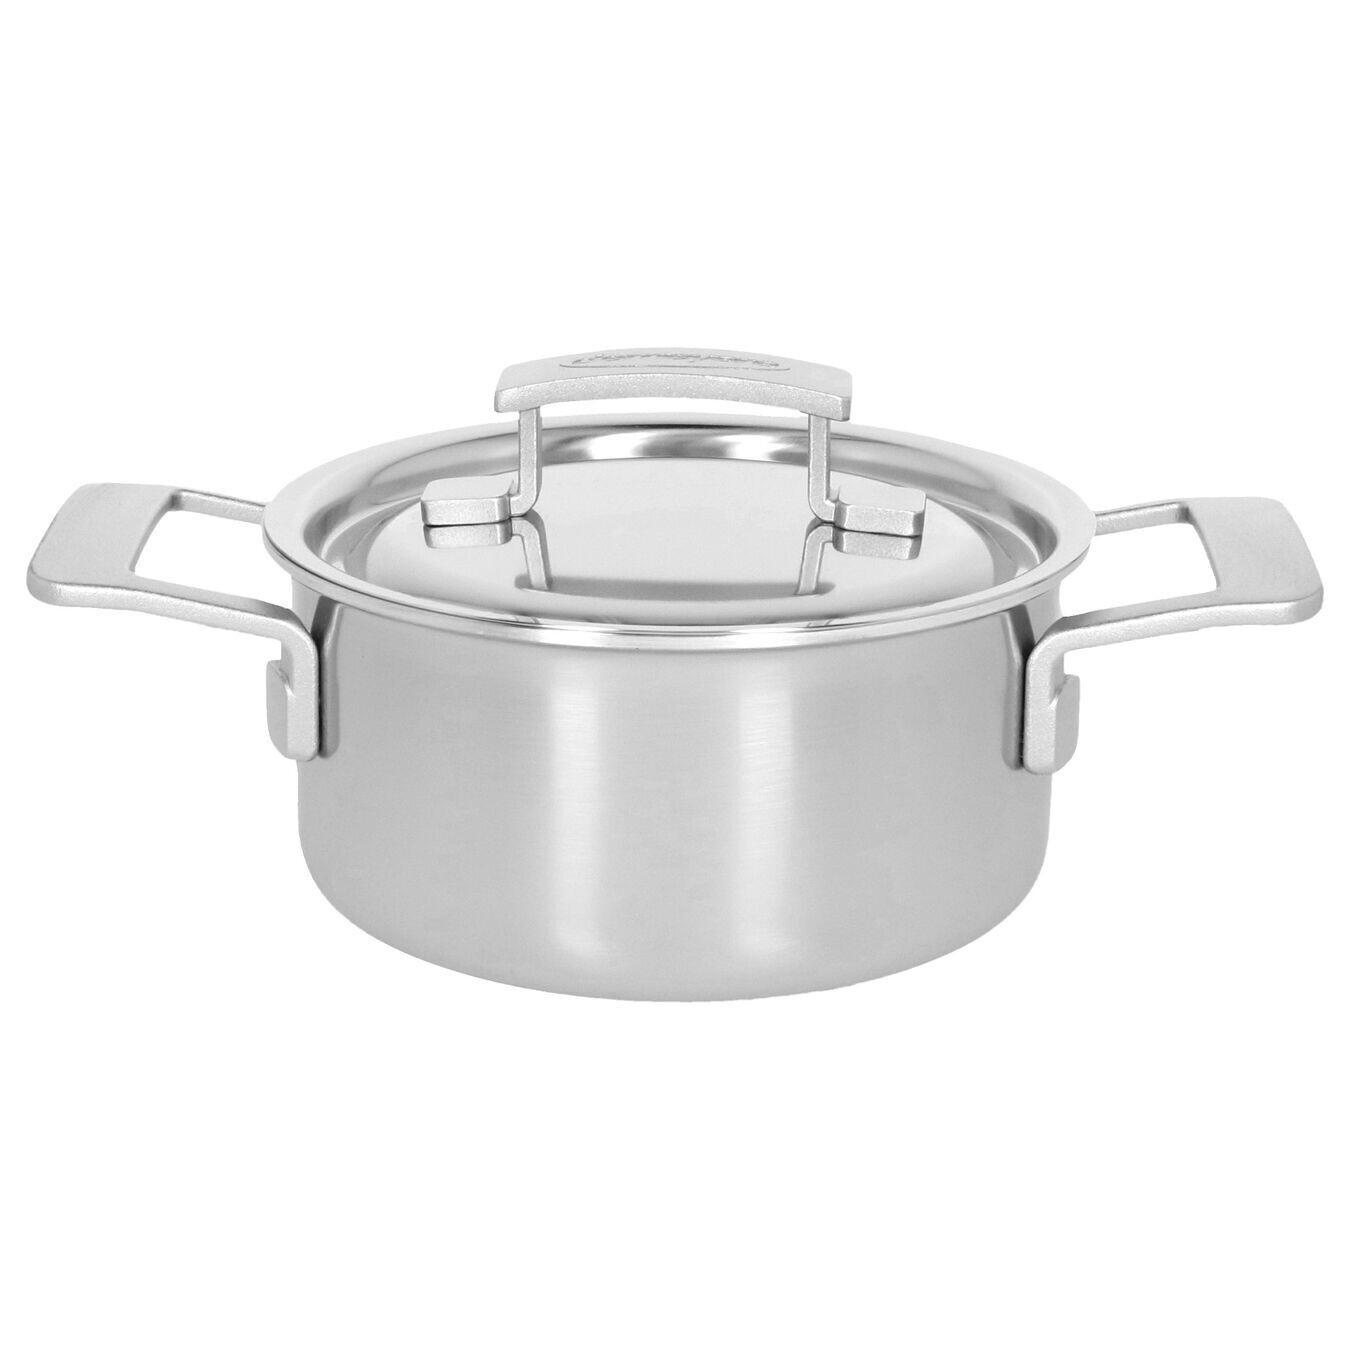 DEMEYERE 'industry 5' kookpot met deksel 16cm / 1,5L   PROMO 149,00 -30%